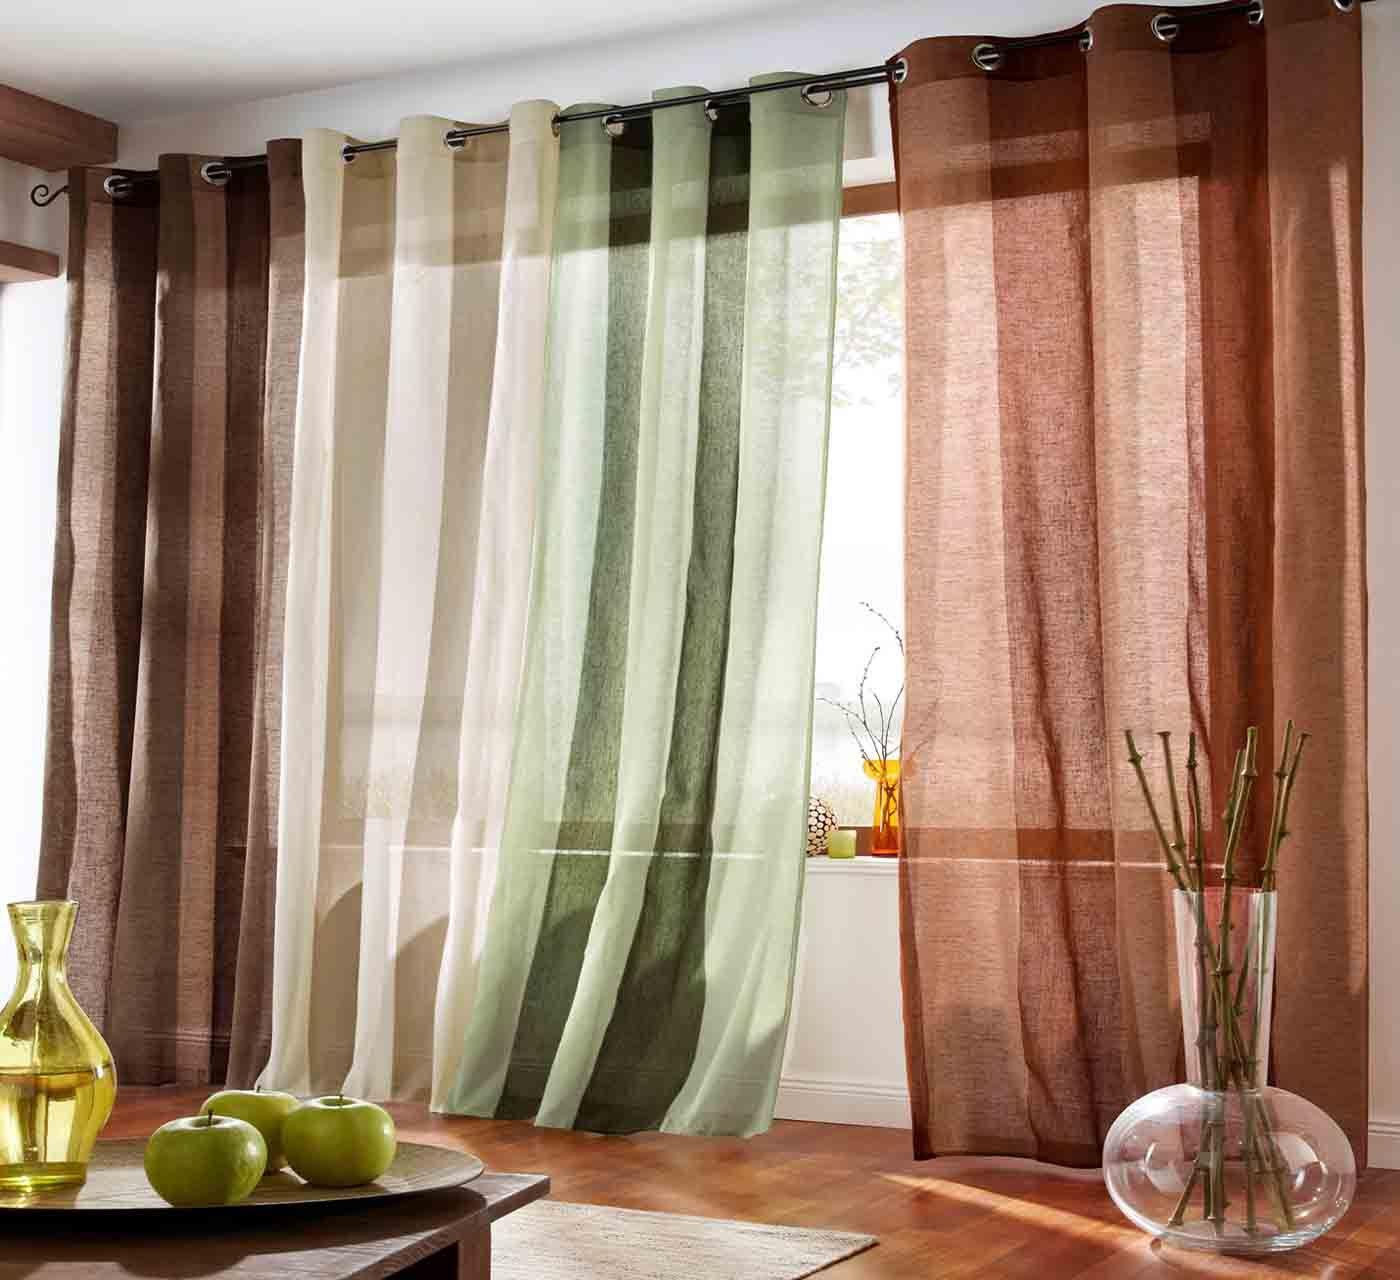 Гардины, шторы, тюль, портьеры: в чем разница между ними?